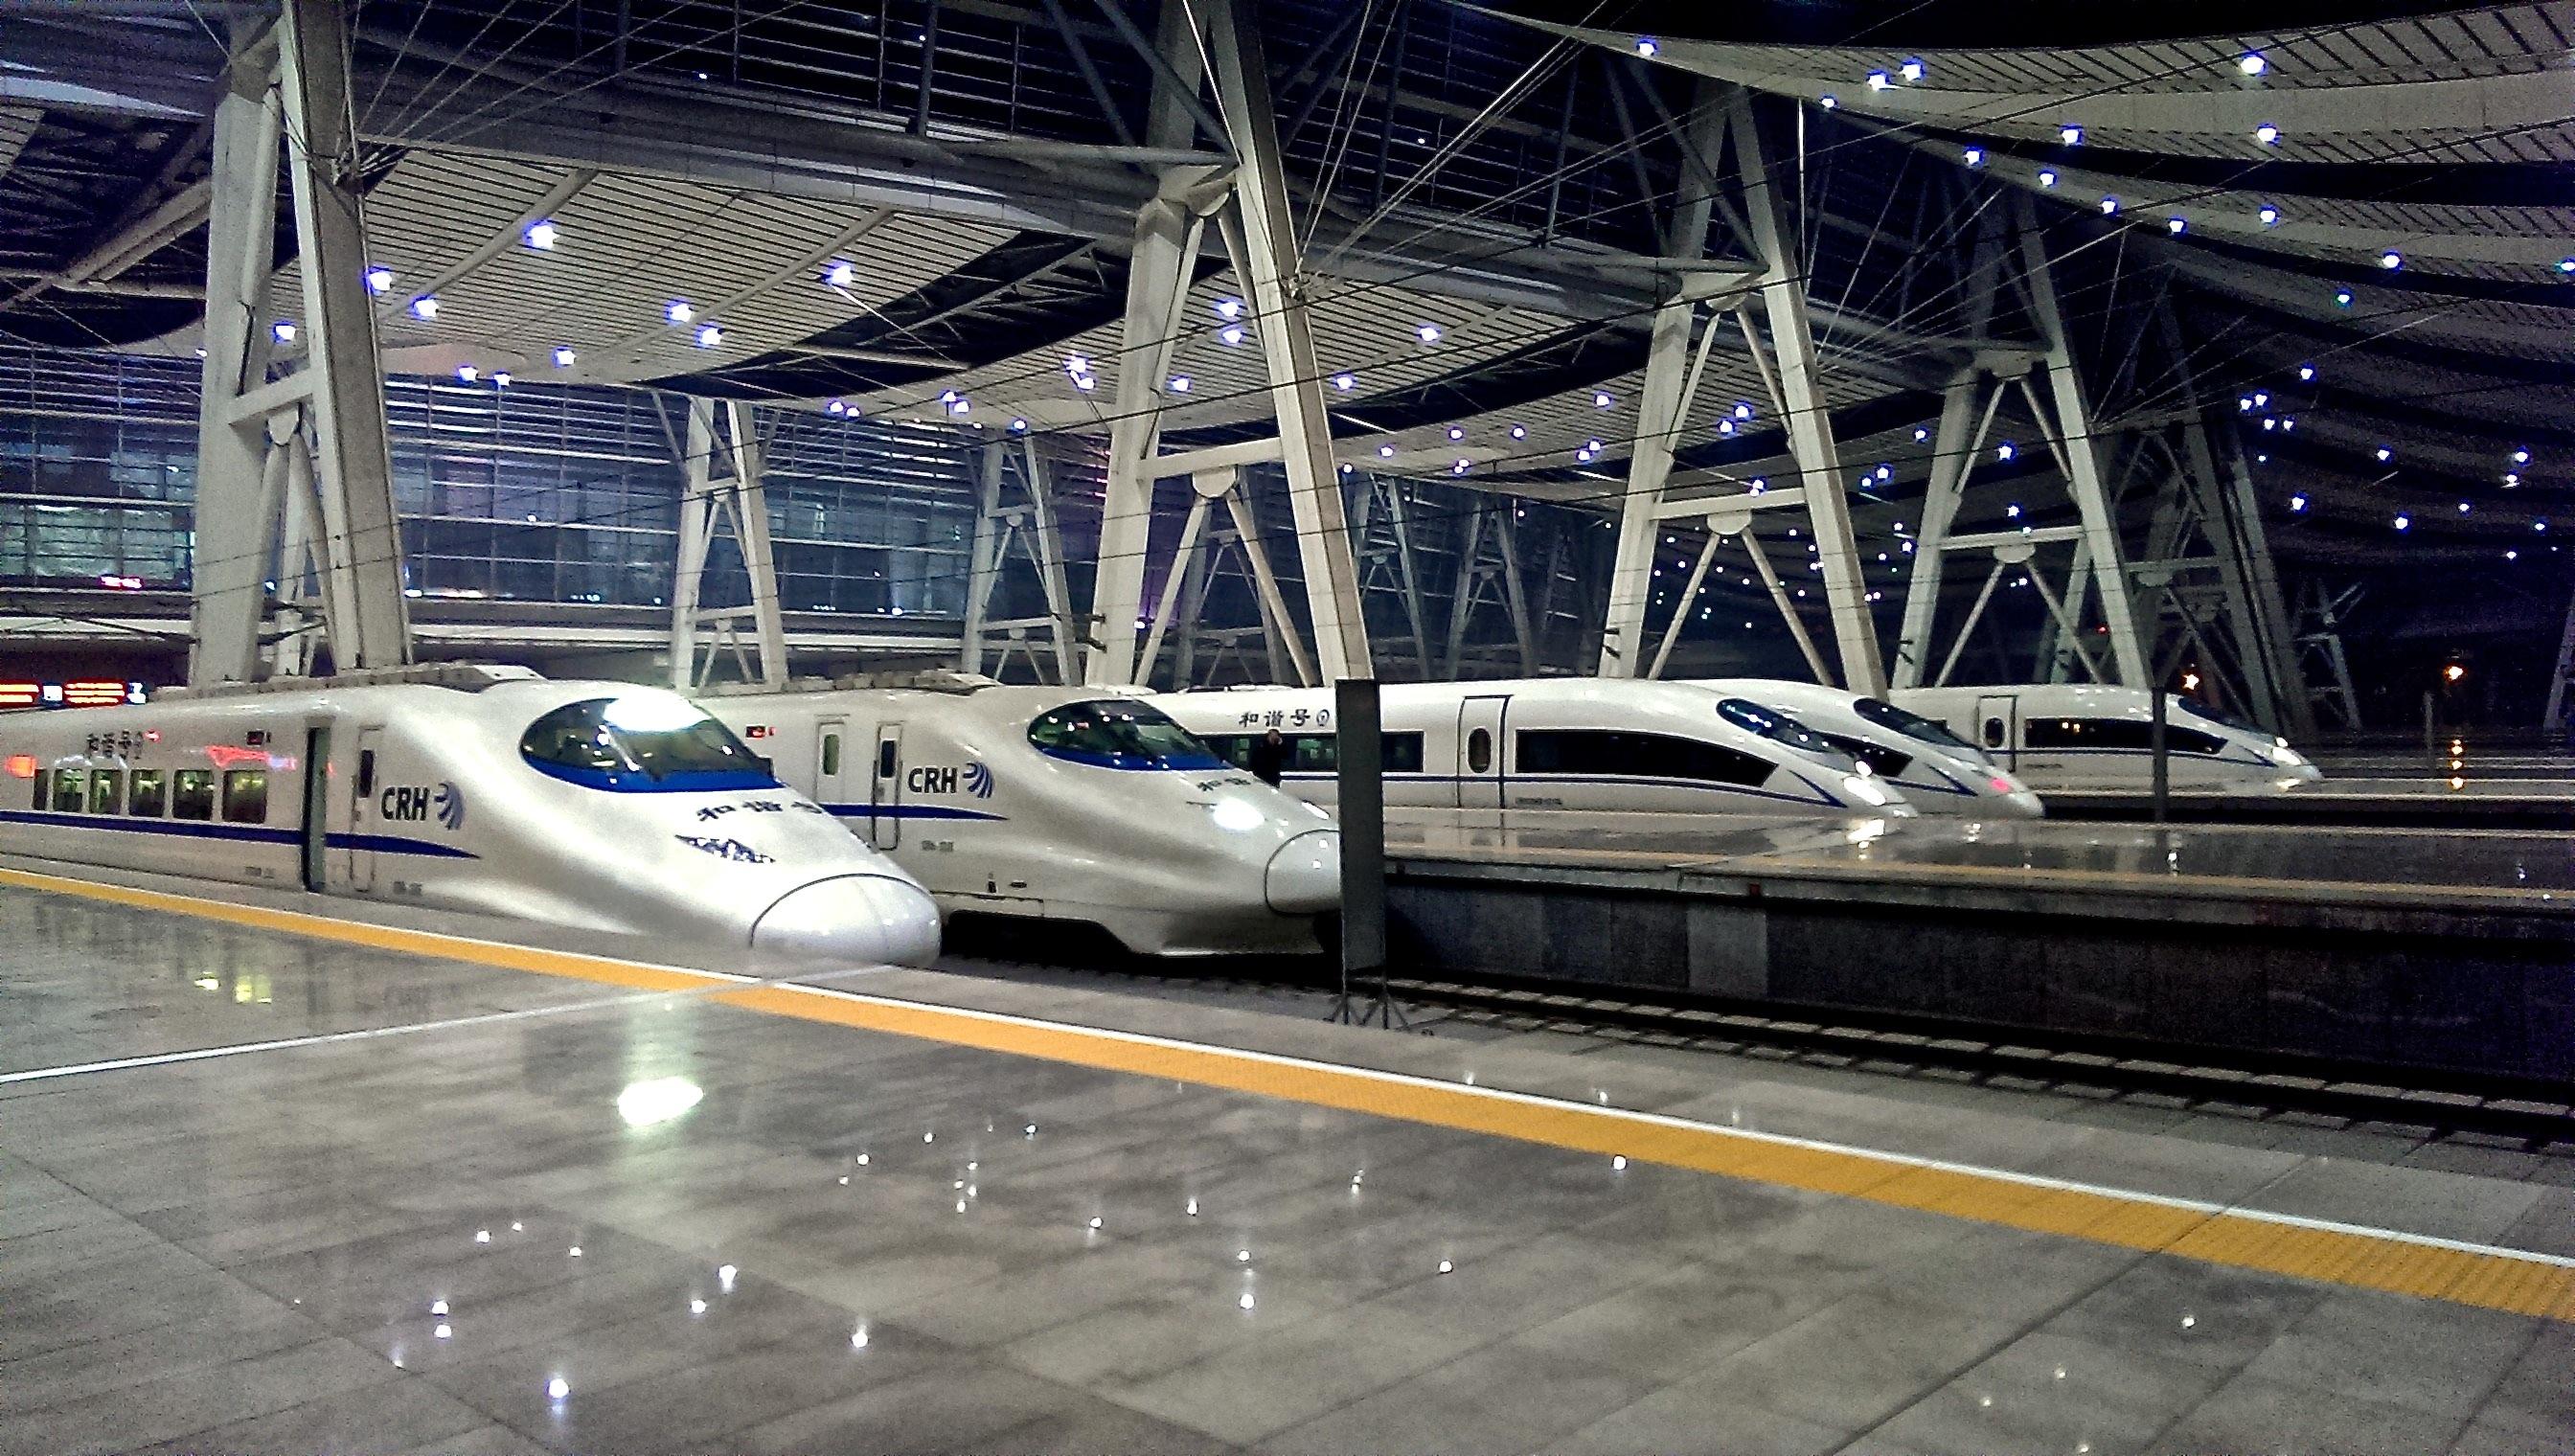 Hochgeschwindigkeitszüge im Beijing Südbahnhof (Běijīng Nán Zhàn)